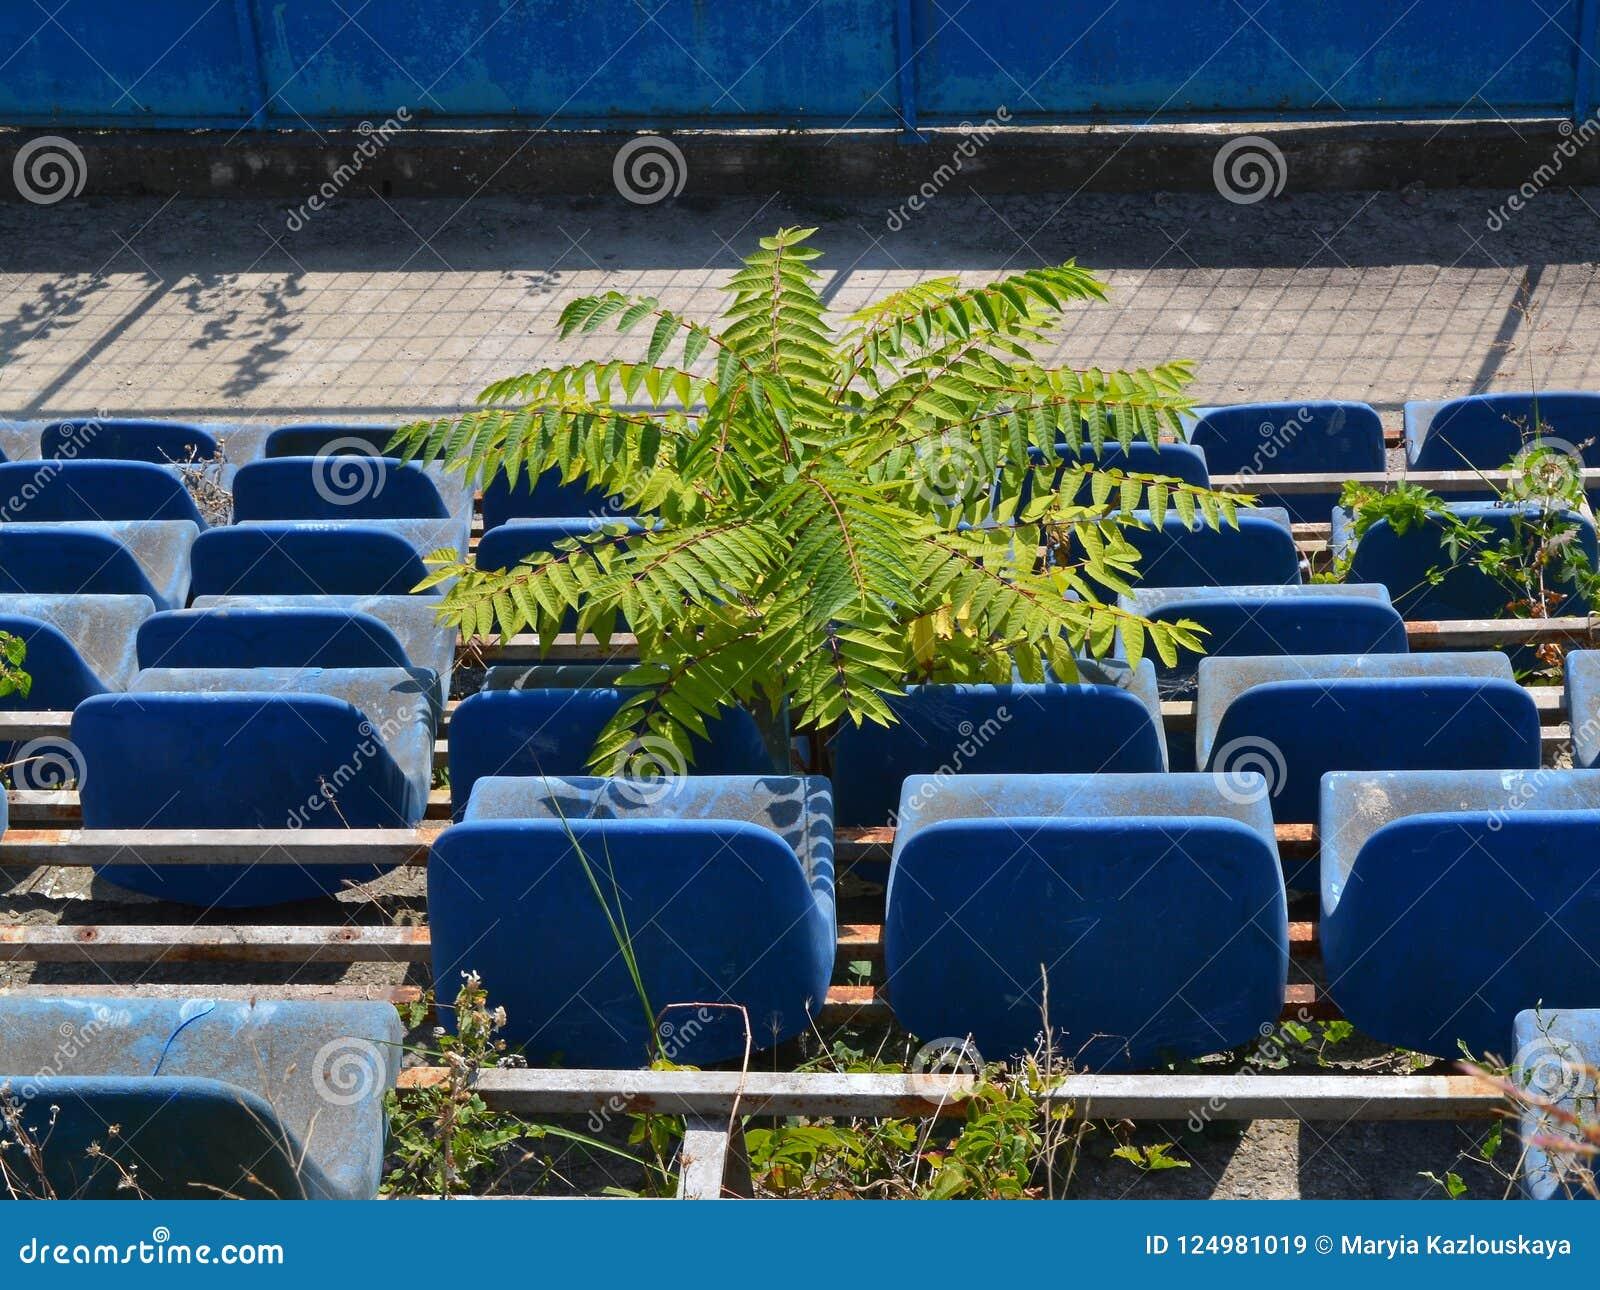 Mały drzewo r między siedzeniami zniszczona widowiskowa mównica w zaniechanym stadium